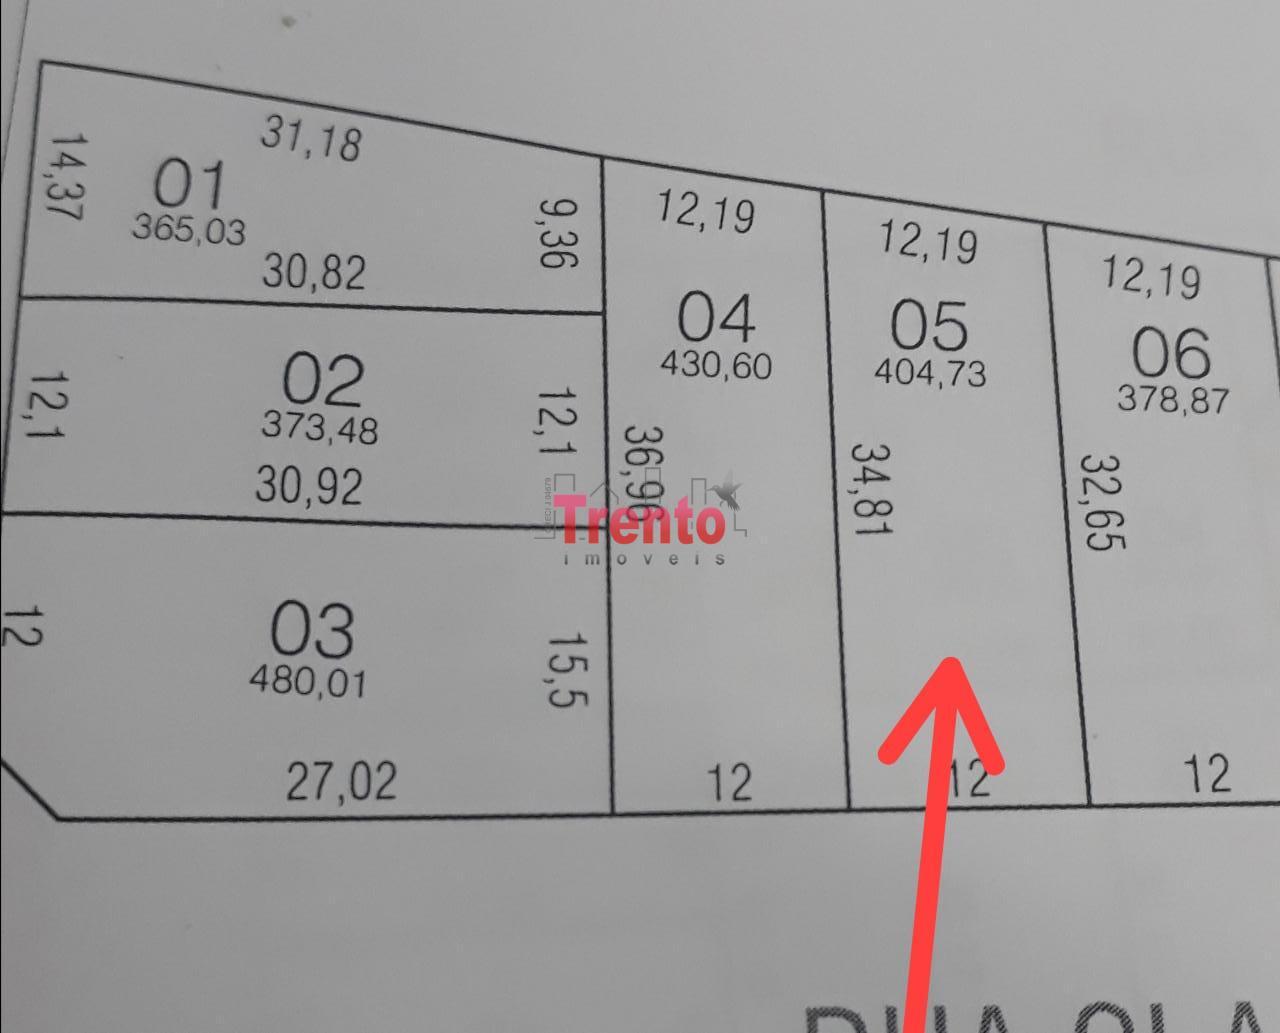 TERRENO BAIRRO ALVORADA COM ÁREA DE 404,73M² - PATO BRANCO/PR